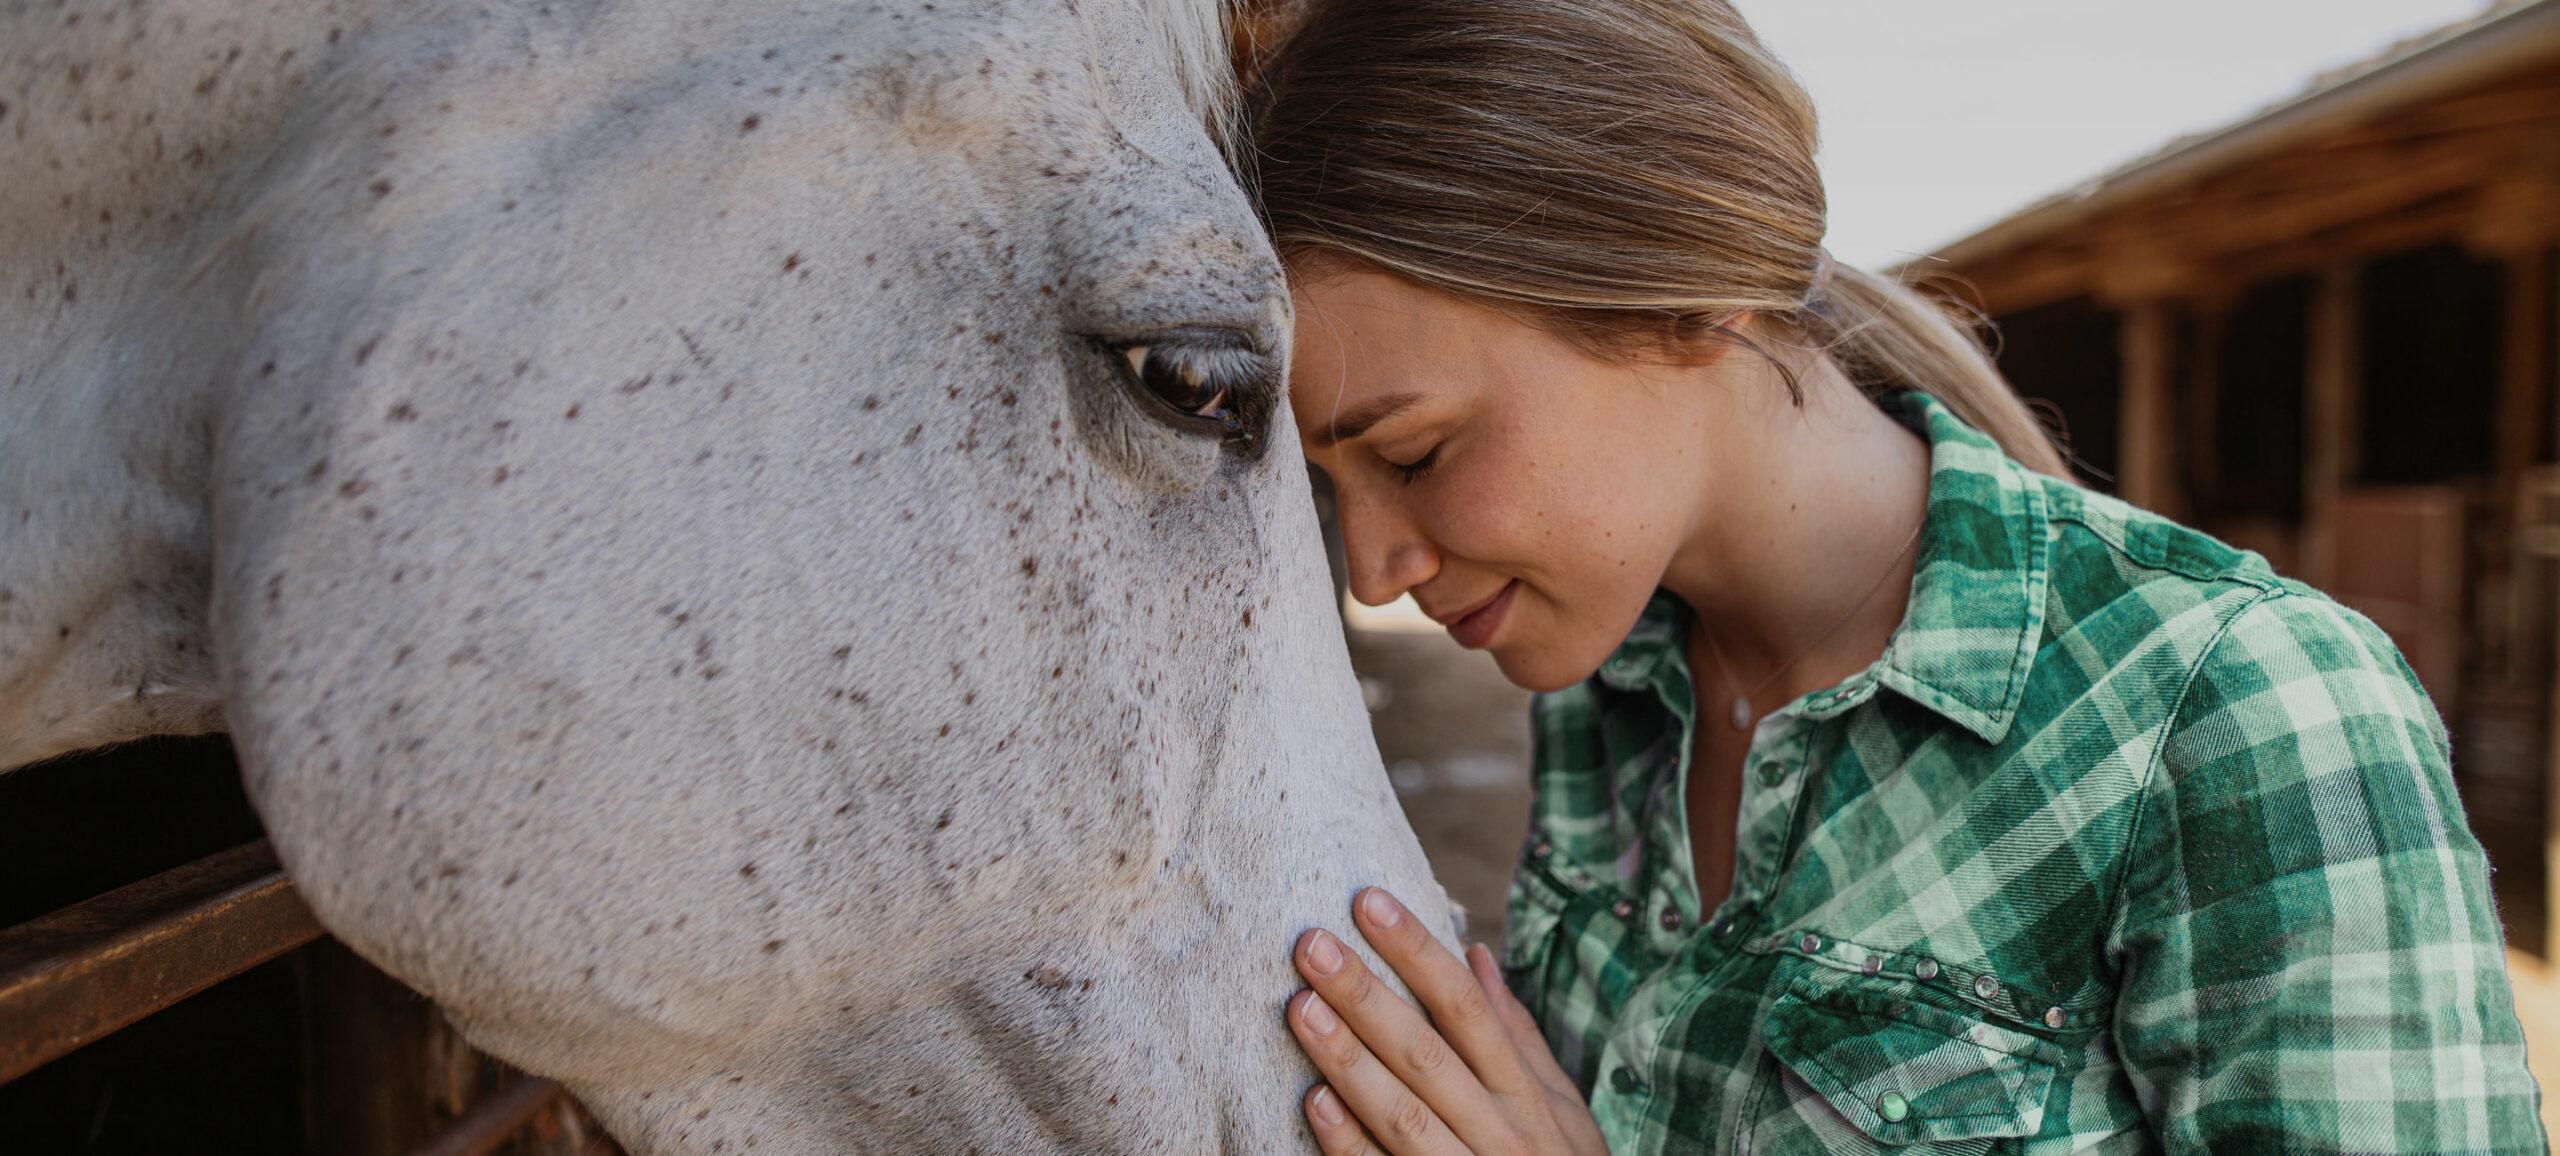 Frau lehnt mit Stirn an Pferdekopf